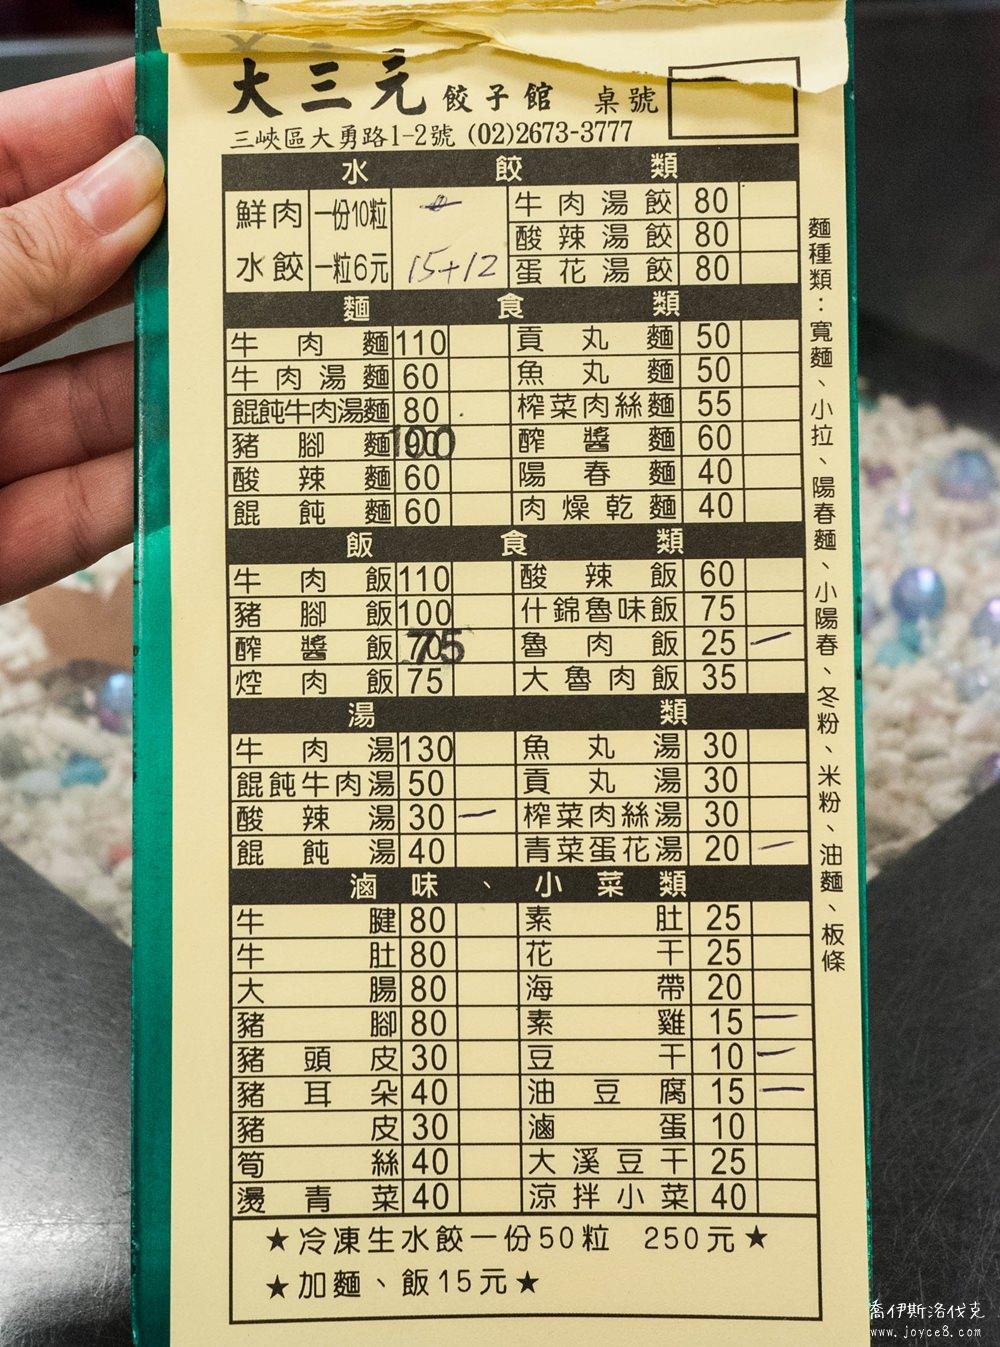 大三峽餃子館菜單,三峽大三元水餃菜單,大三元水餃菜單